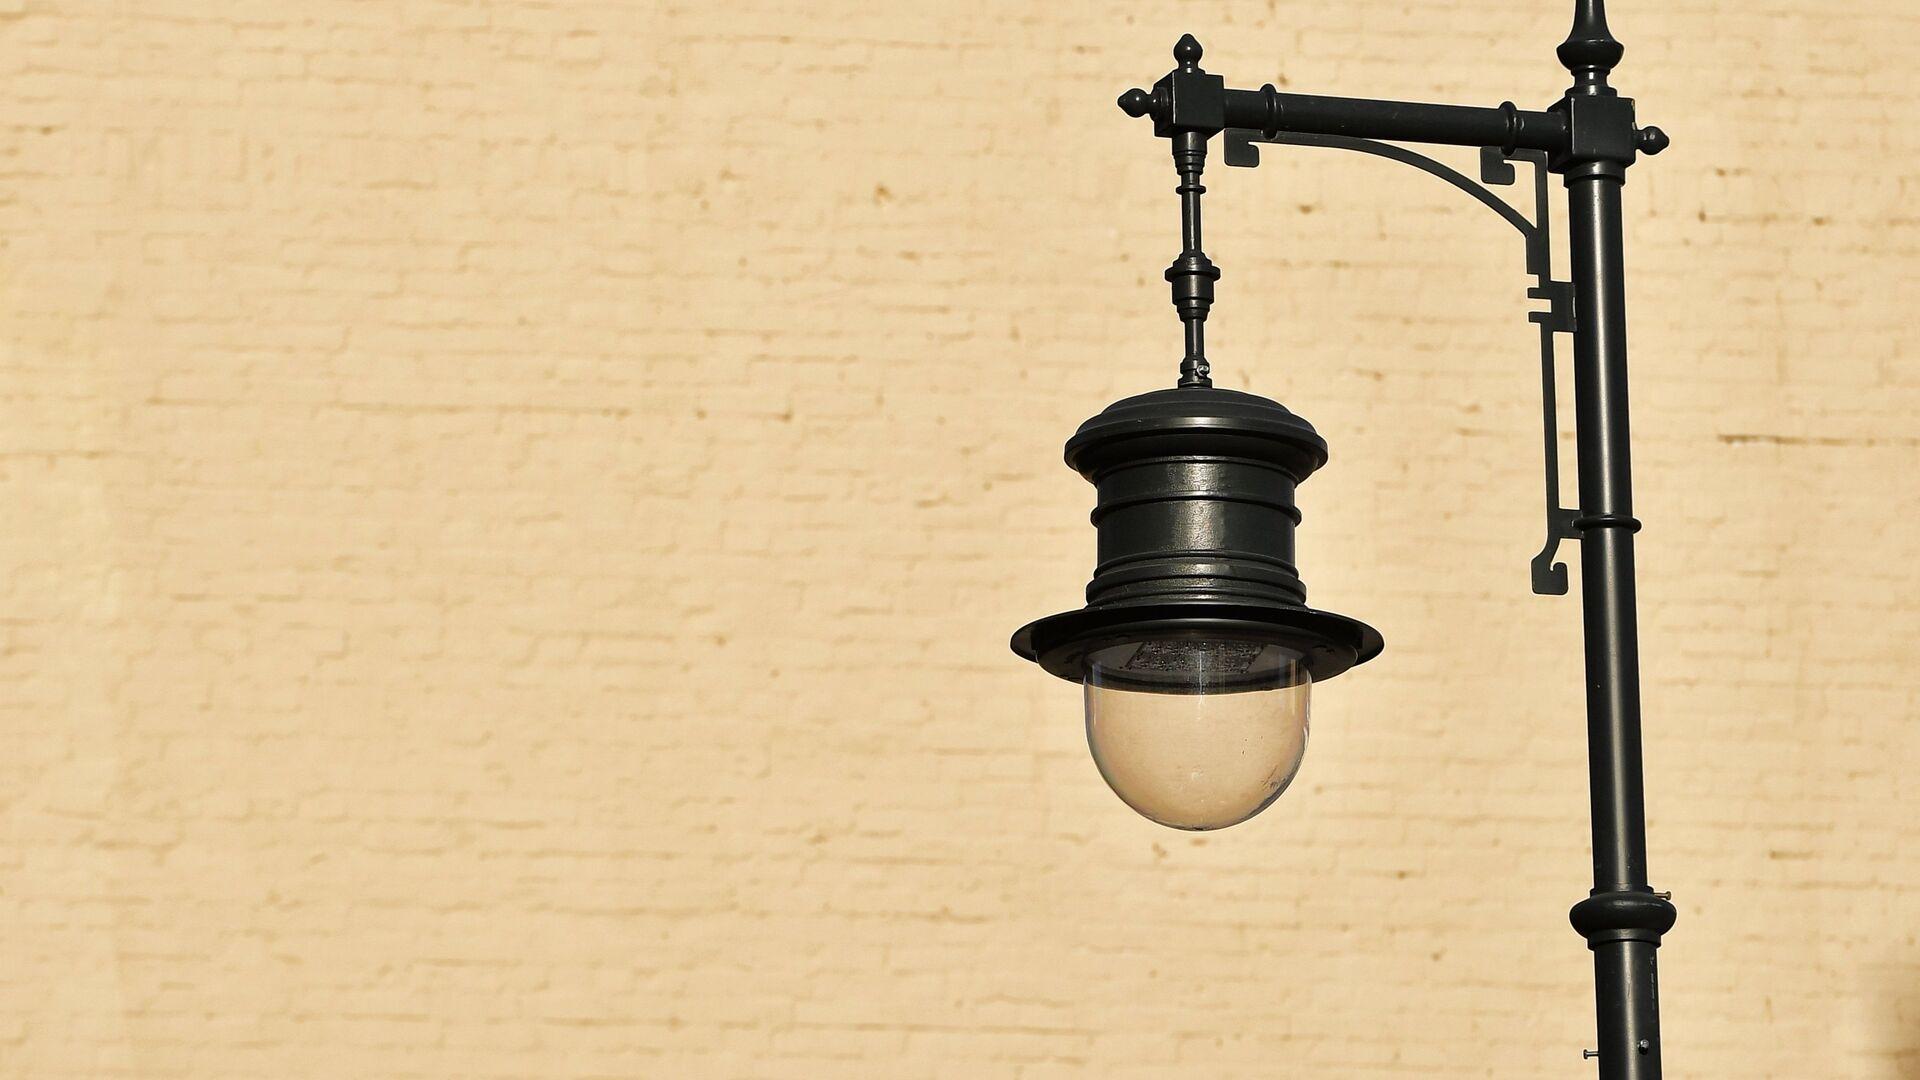 Уличный фонарь. Архивное фото - РИА Новости, 1920, 17.09.2021